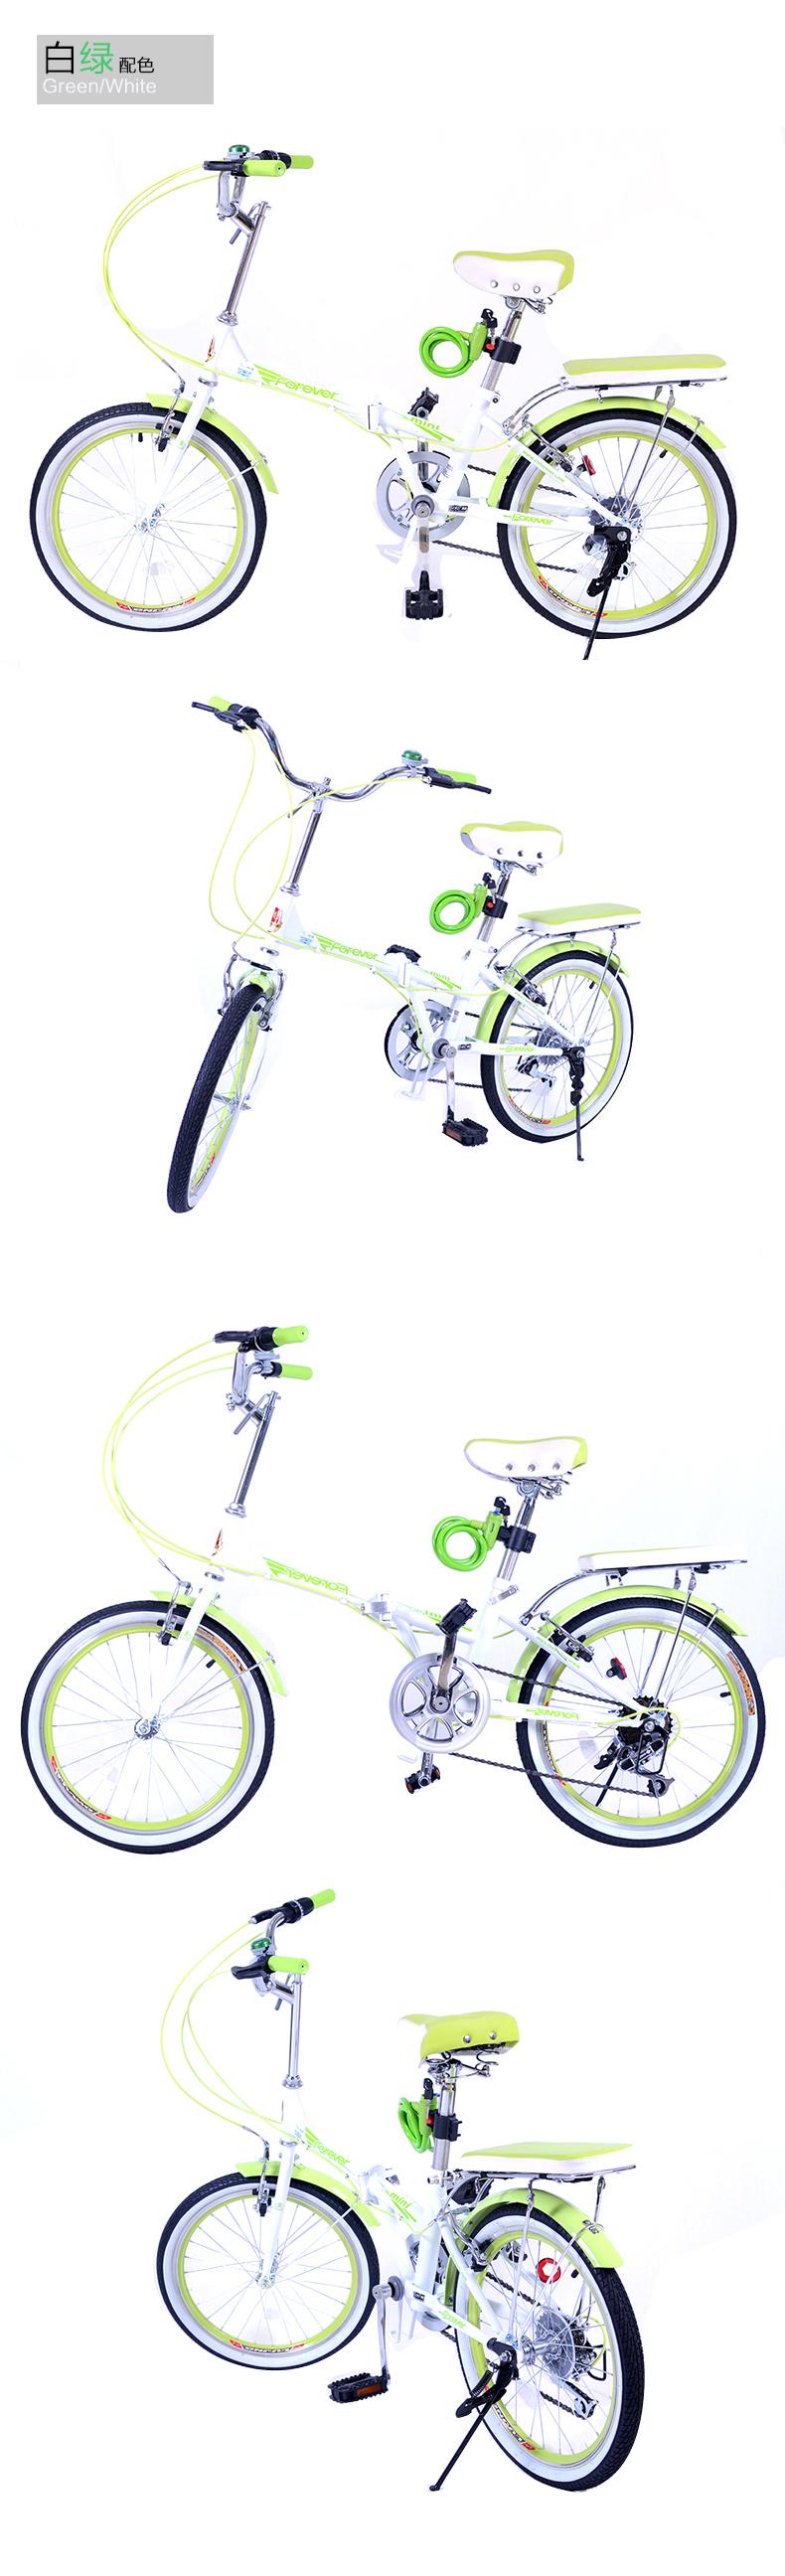 0寸炫彩折叠变速自行车